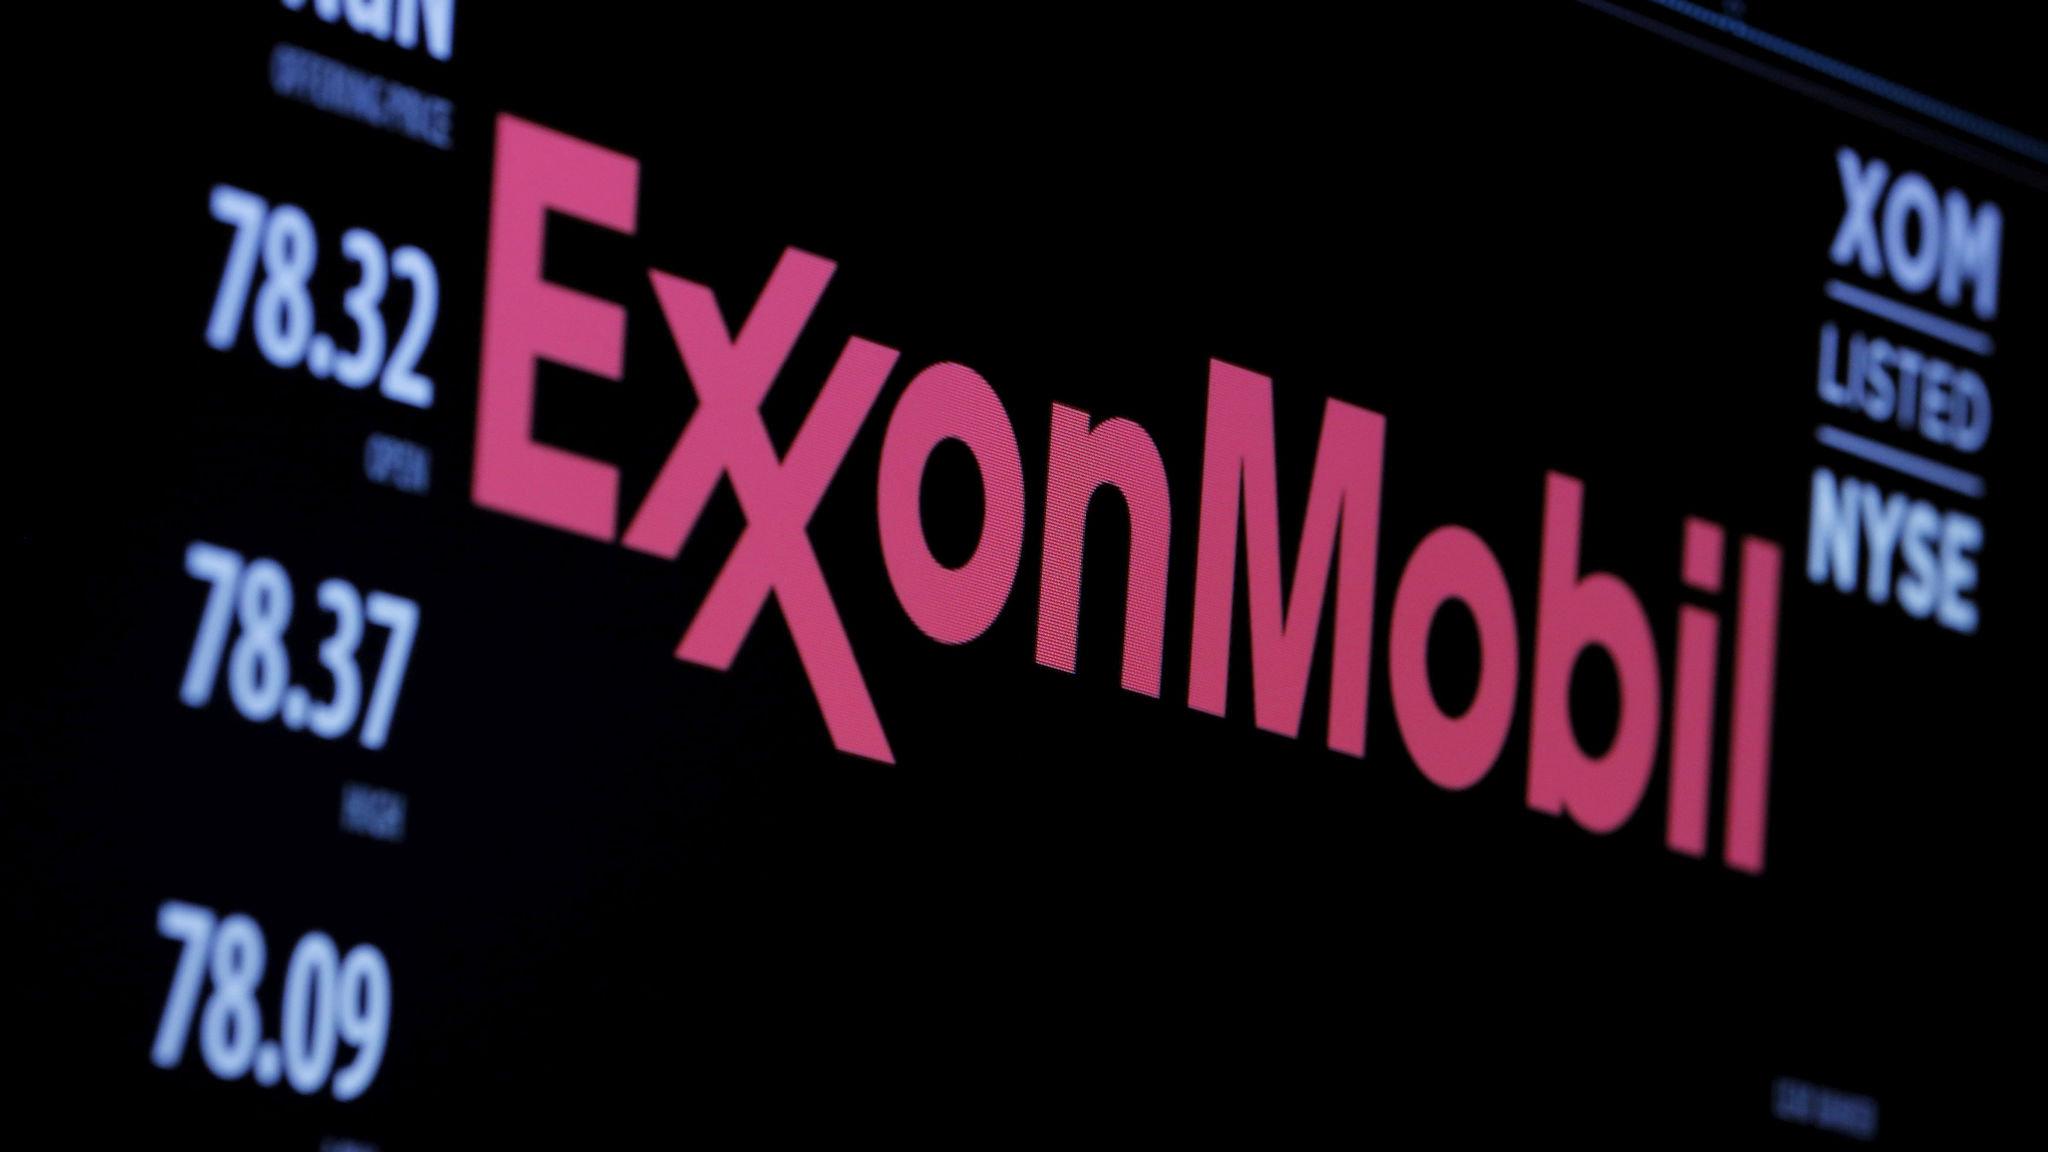 Redburn says Big Oil no longer a 'buy' as peak demand looms